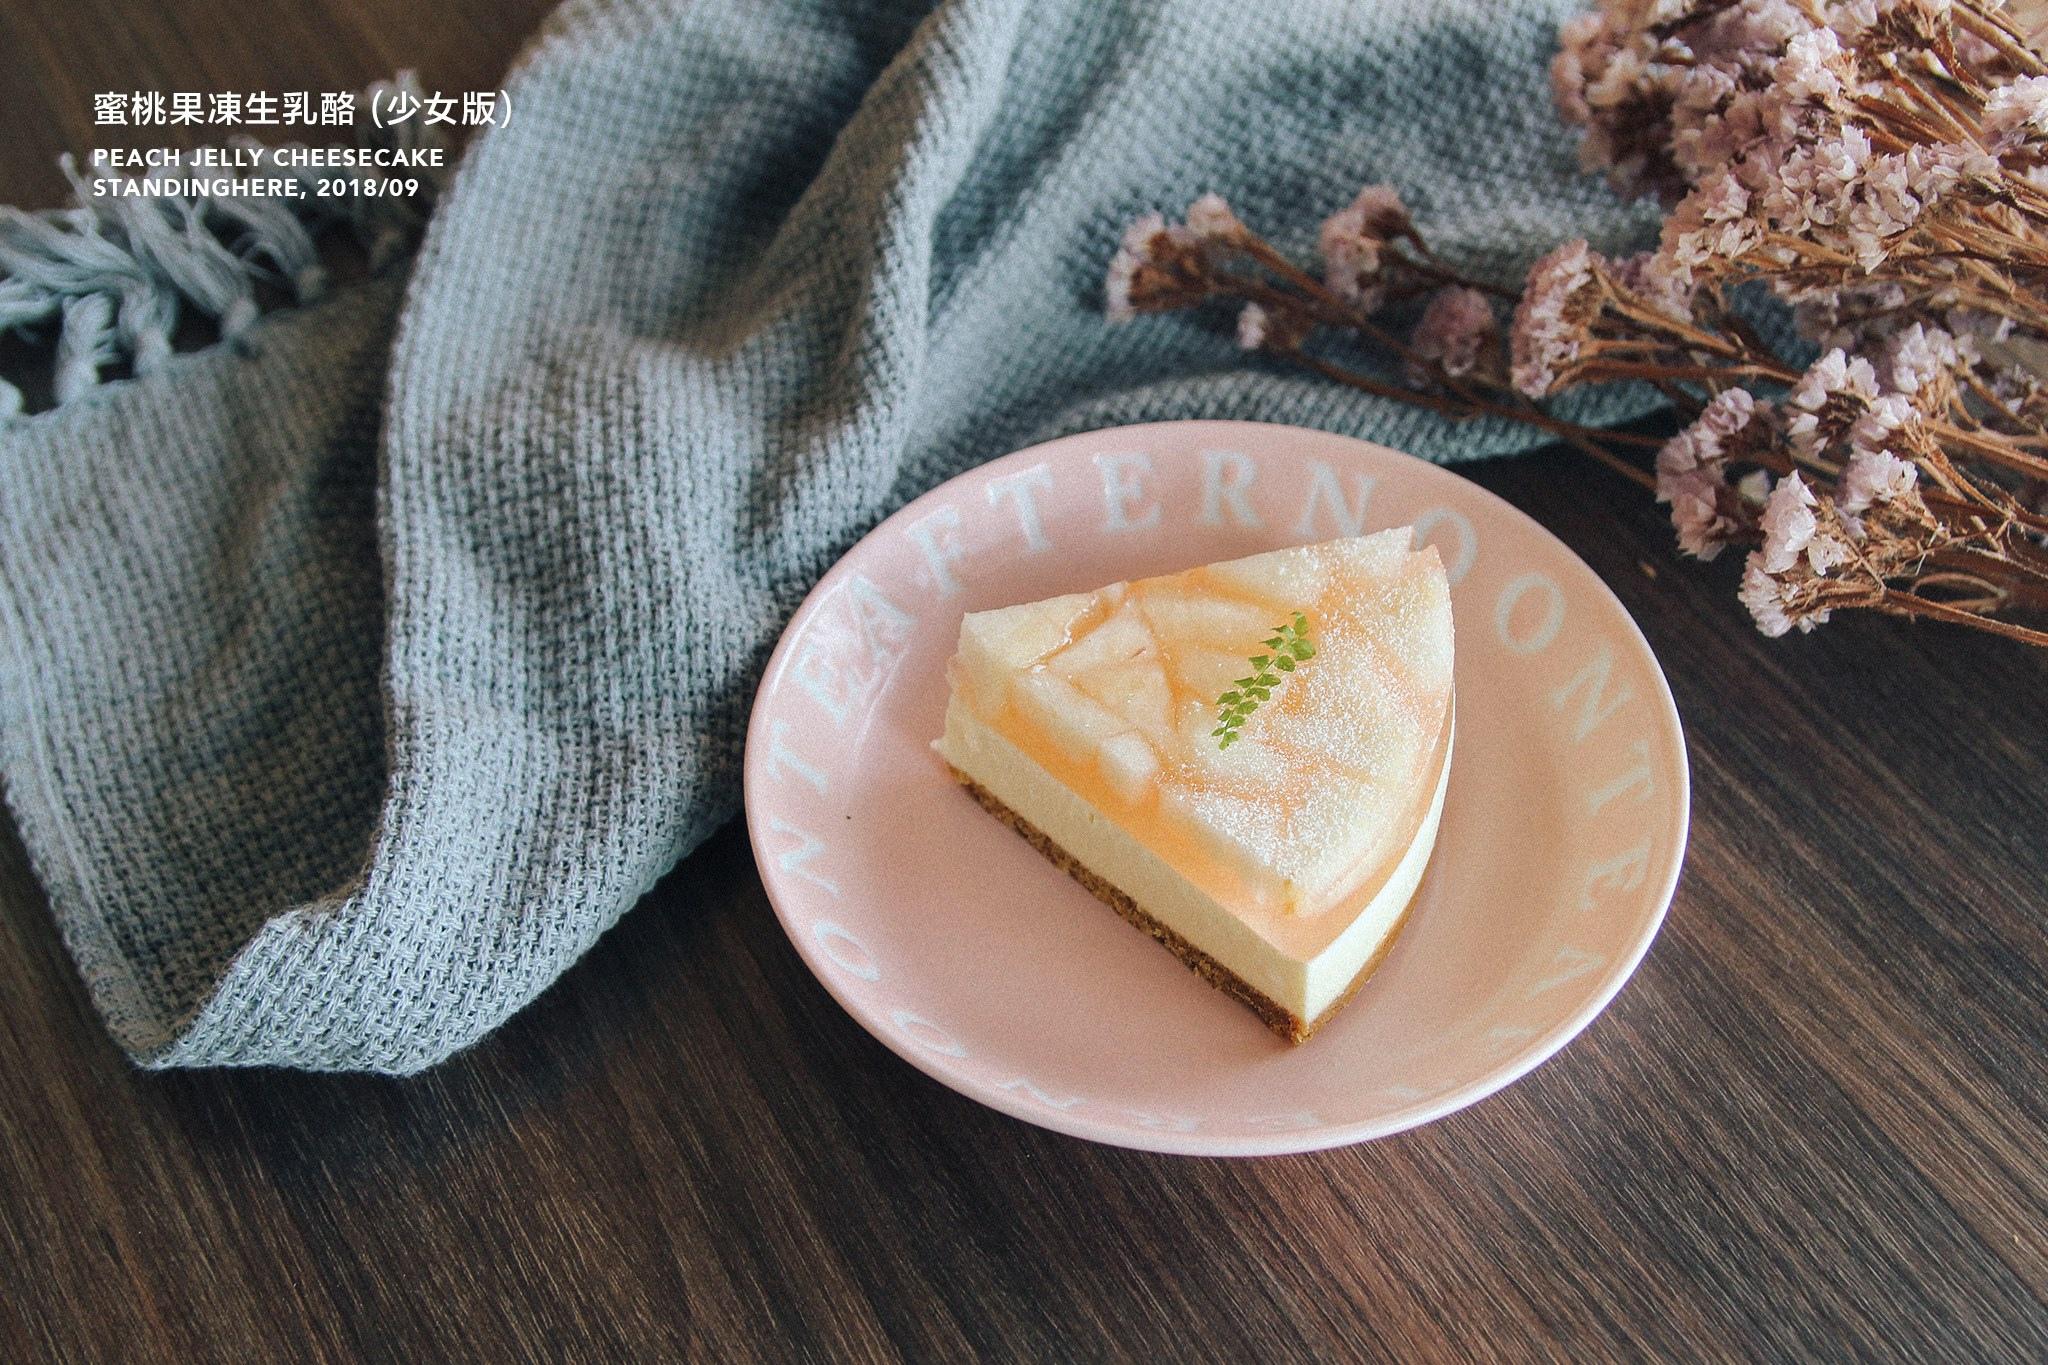 7號驛站X在這手作甜點-蜜桃果凍生乳酪2.jpg